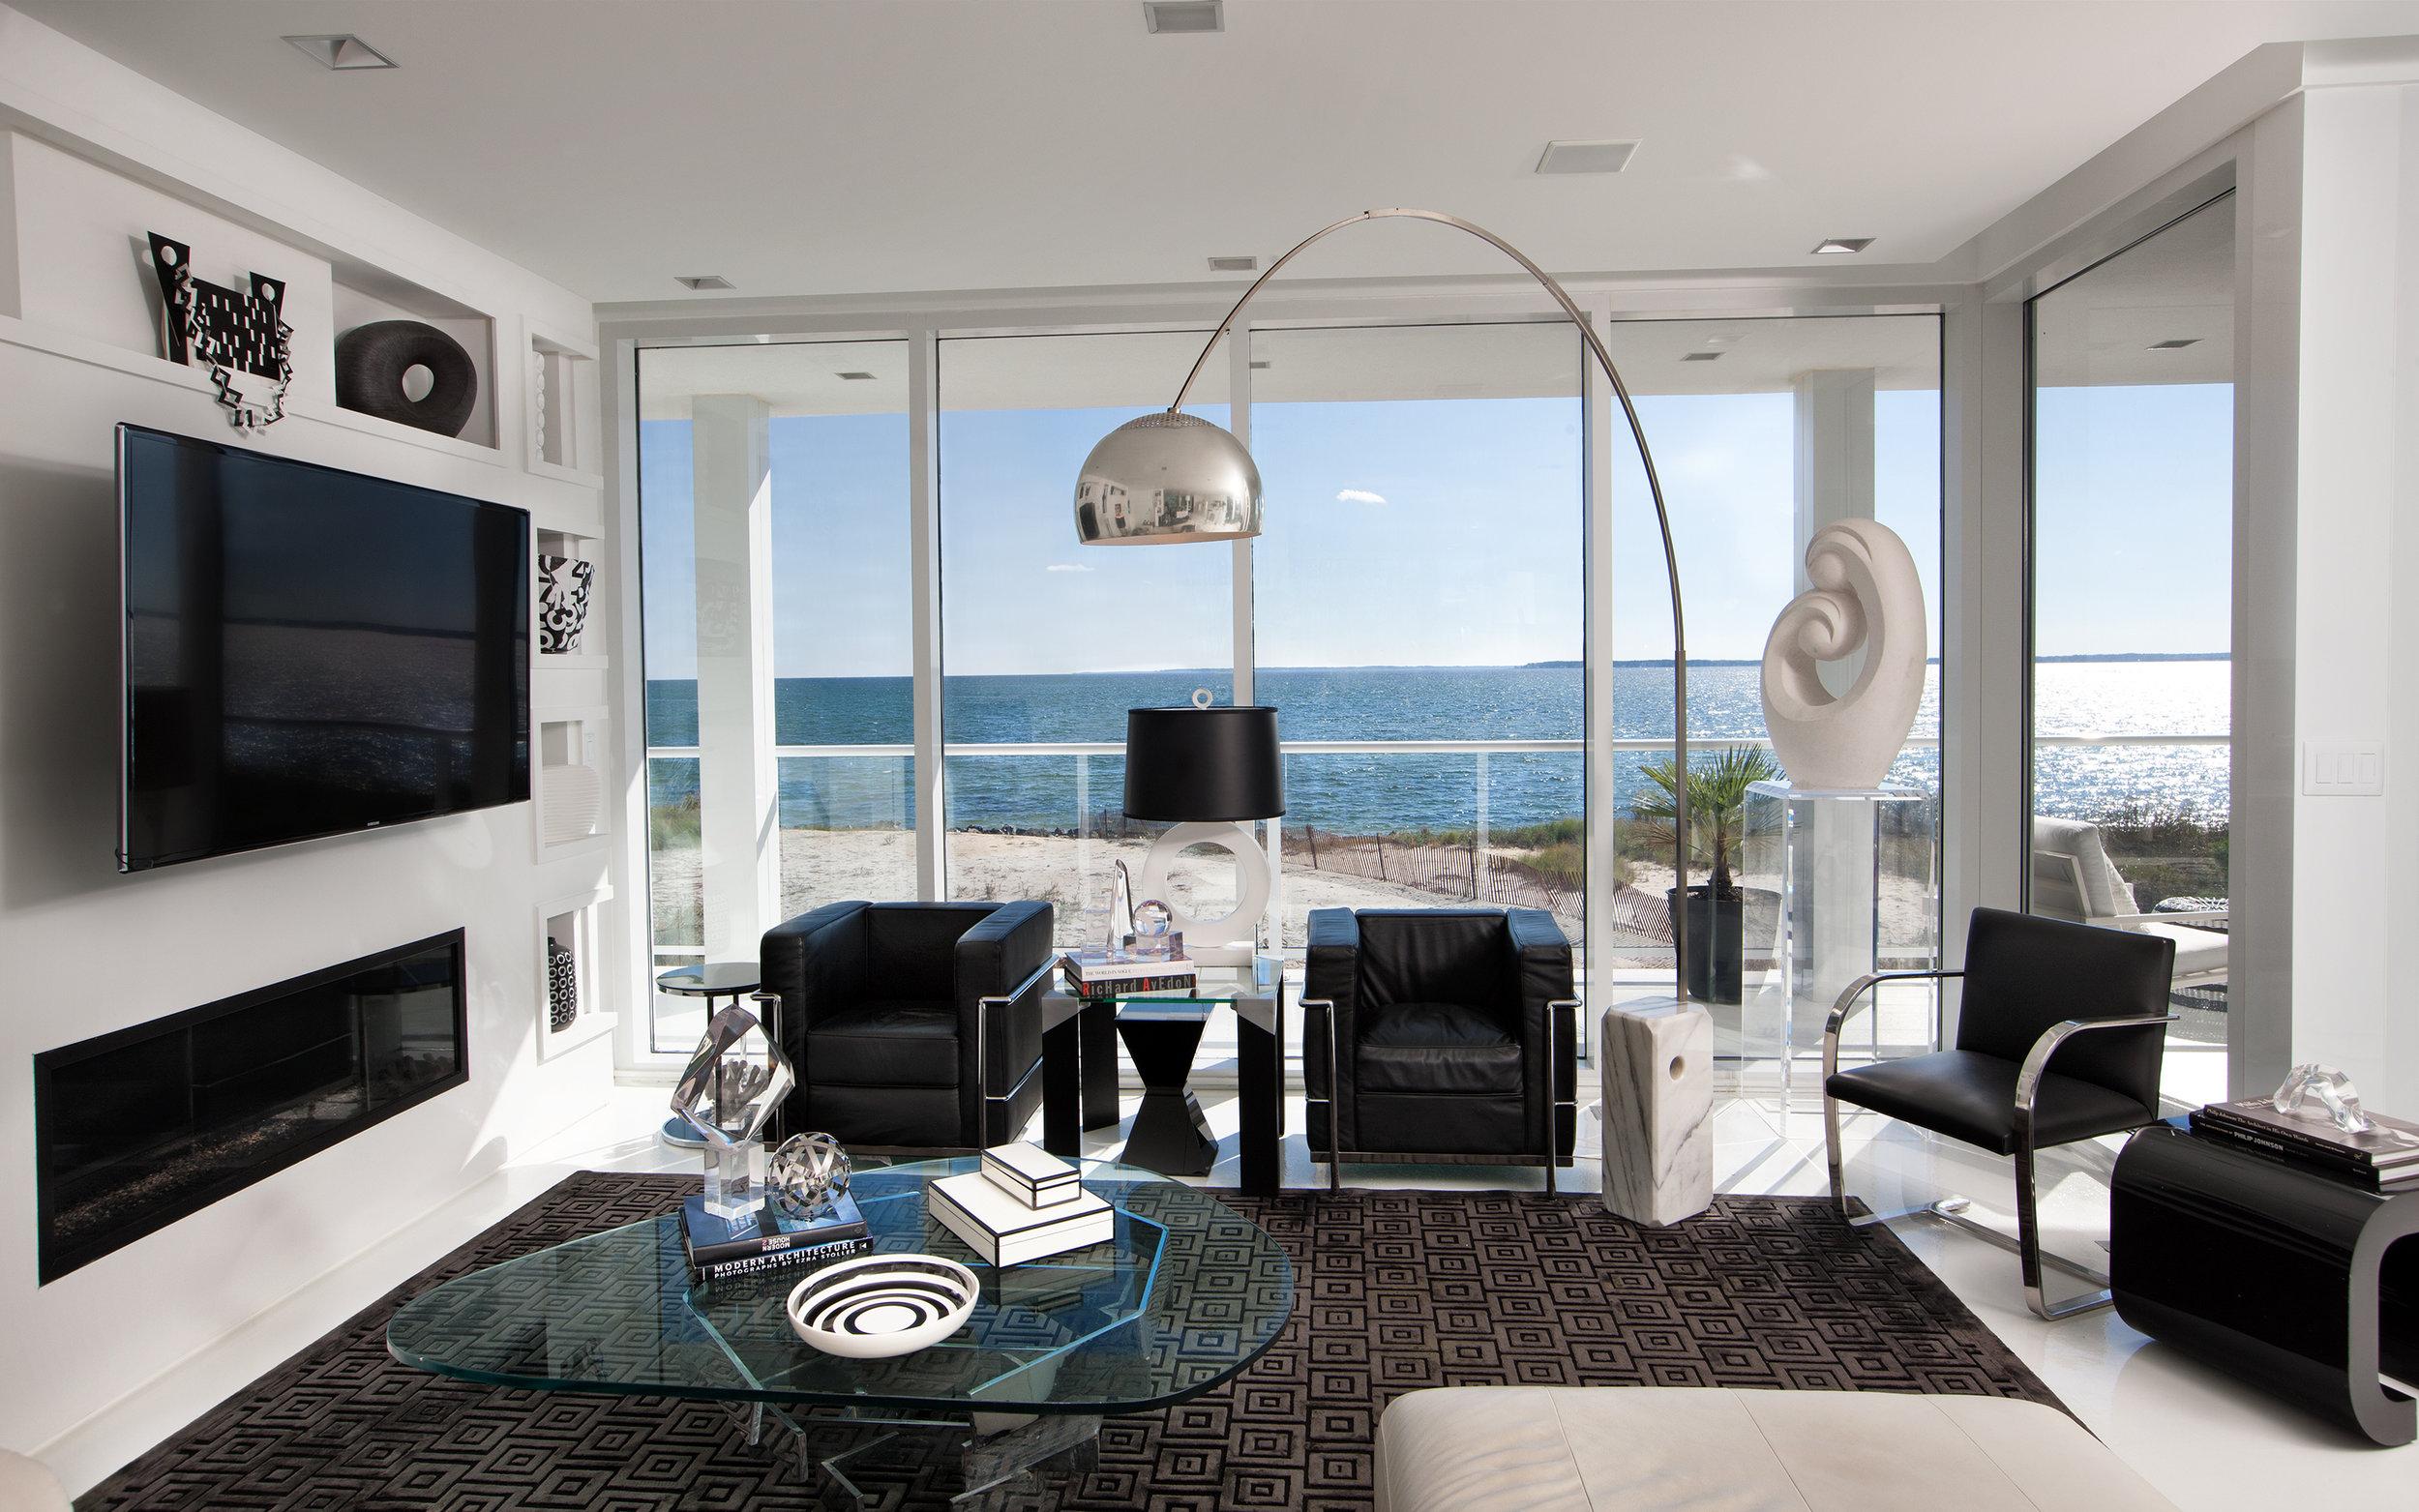 WMP-Living Room to Water copy.jpg